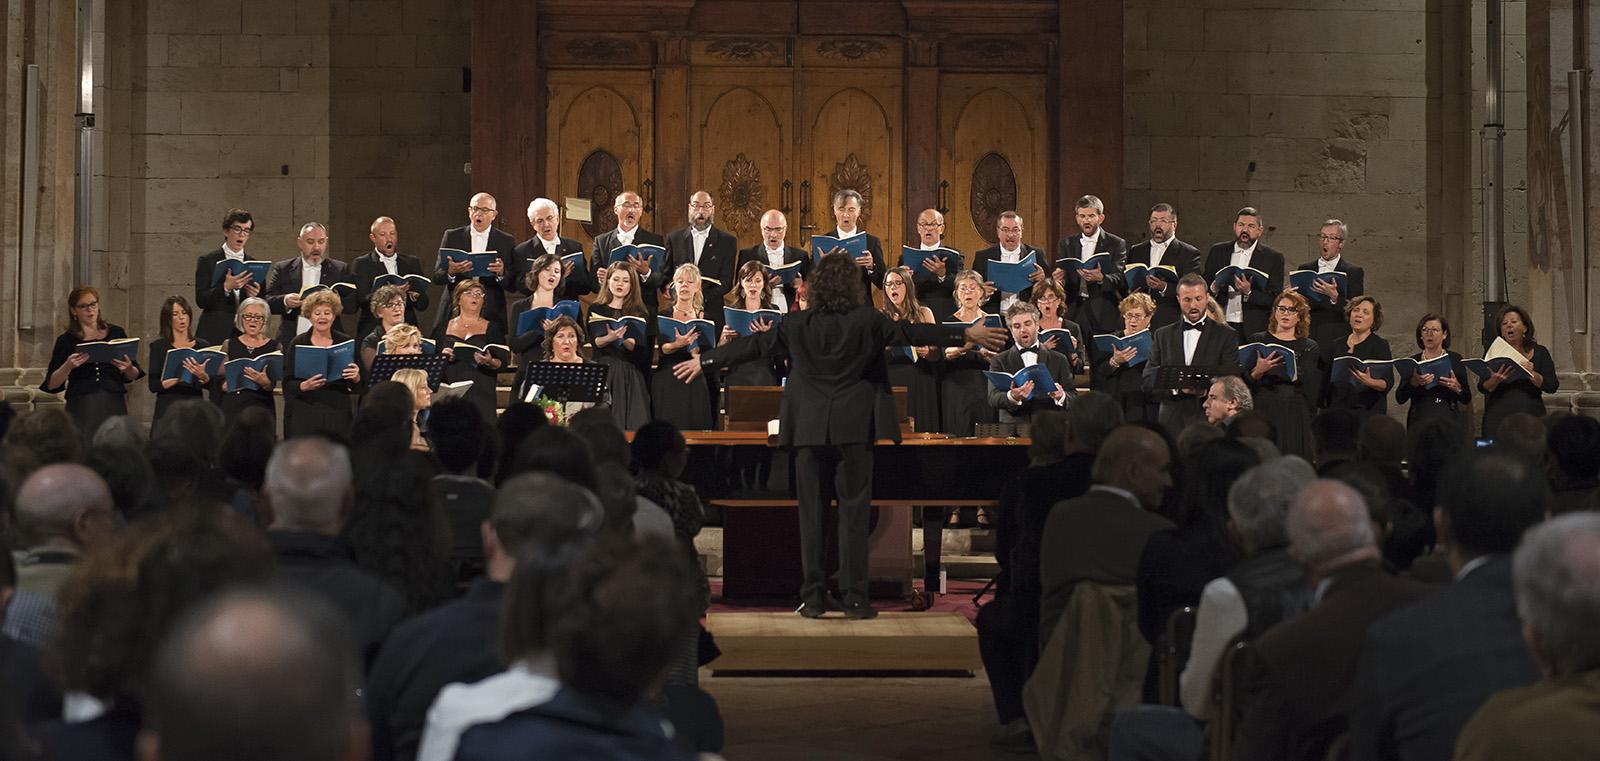 """Coro """"Marc'Antonio Ingegneri"""" - XXVII Settembre dell'Accademia, basilica di San Zeno a Verona"""